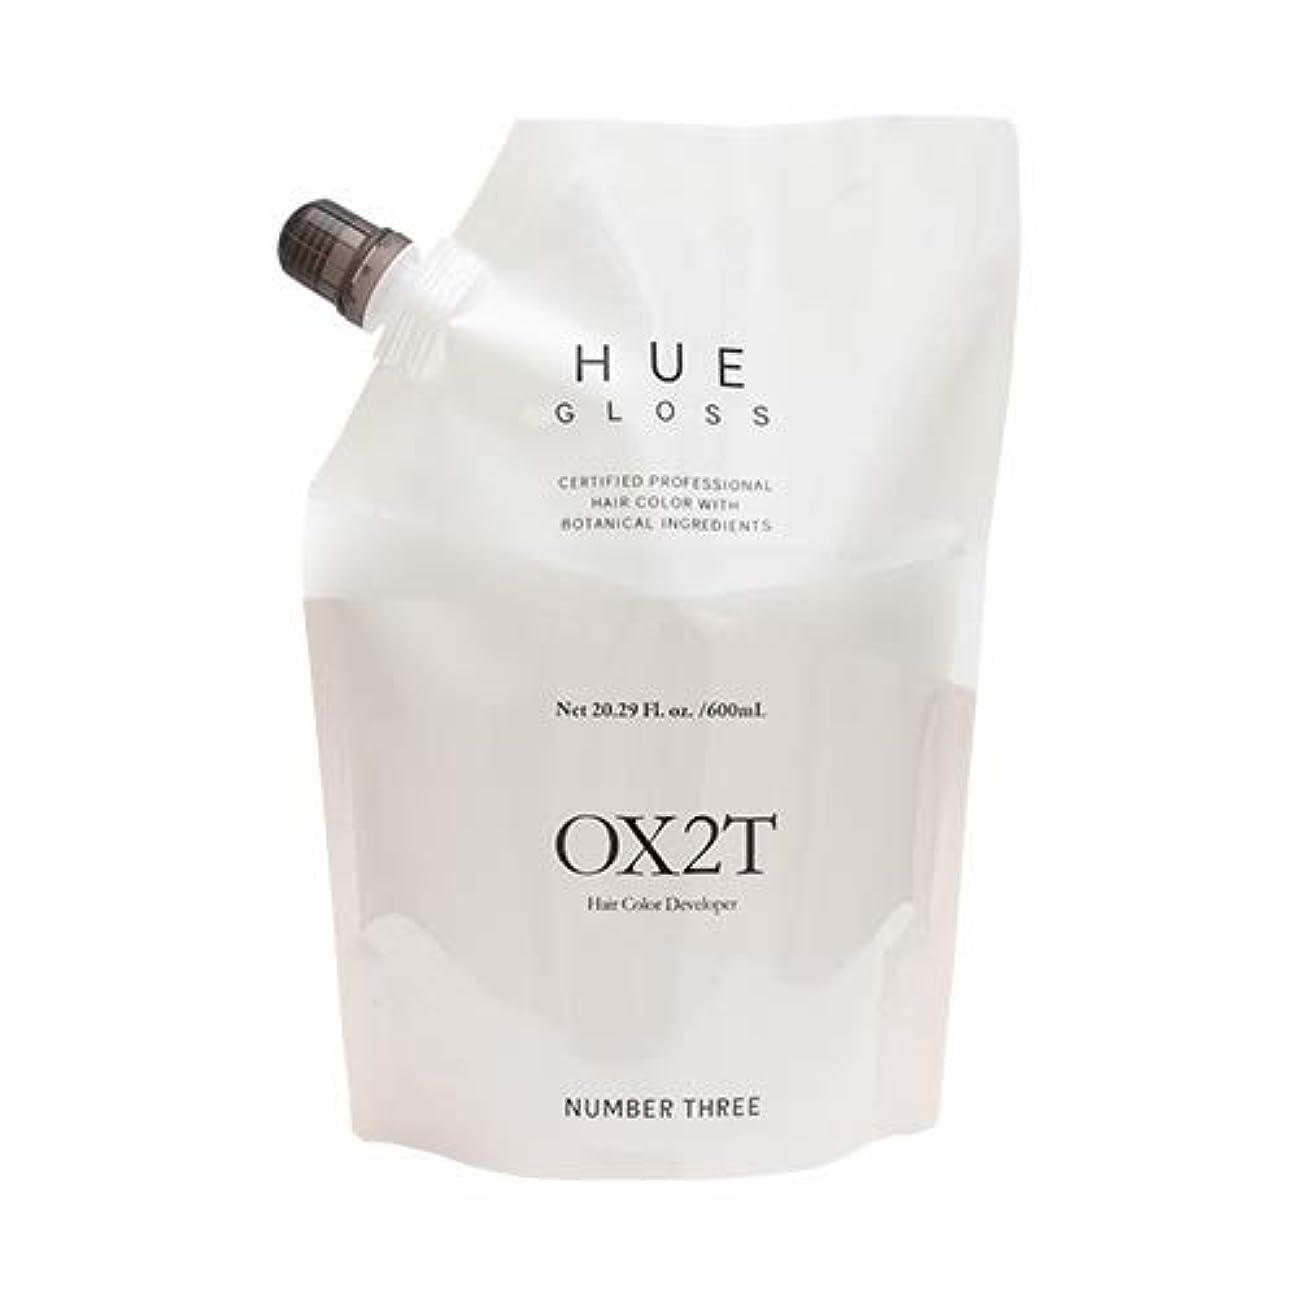 修羅場ペイントキャンバスナンバースリーヒュウ OX2T 600mL 酸化剤(過酸化水素2%) 第2剤